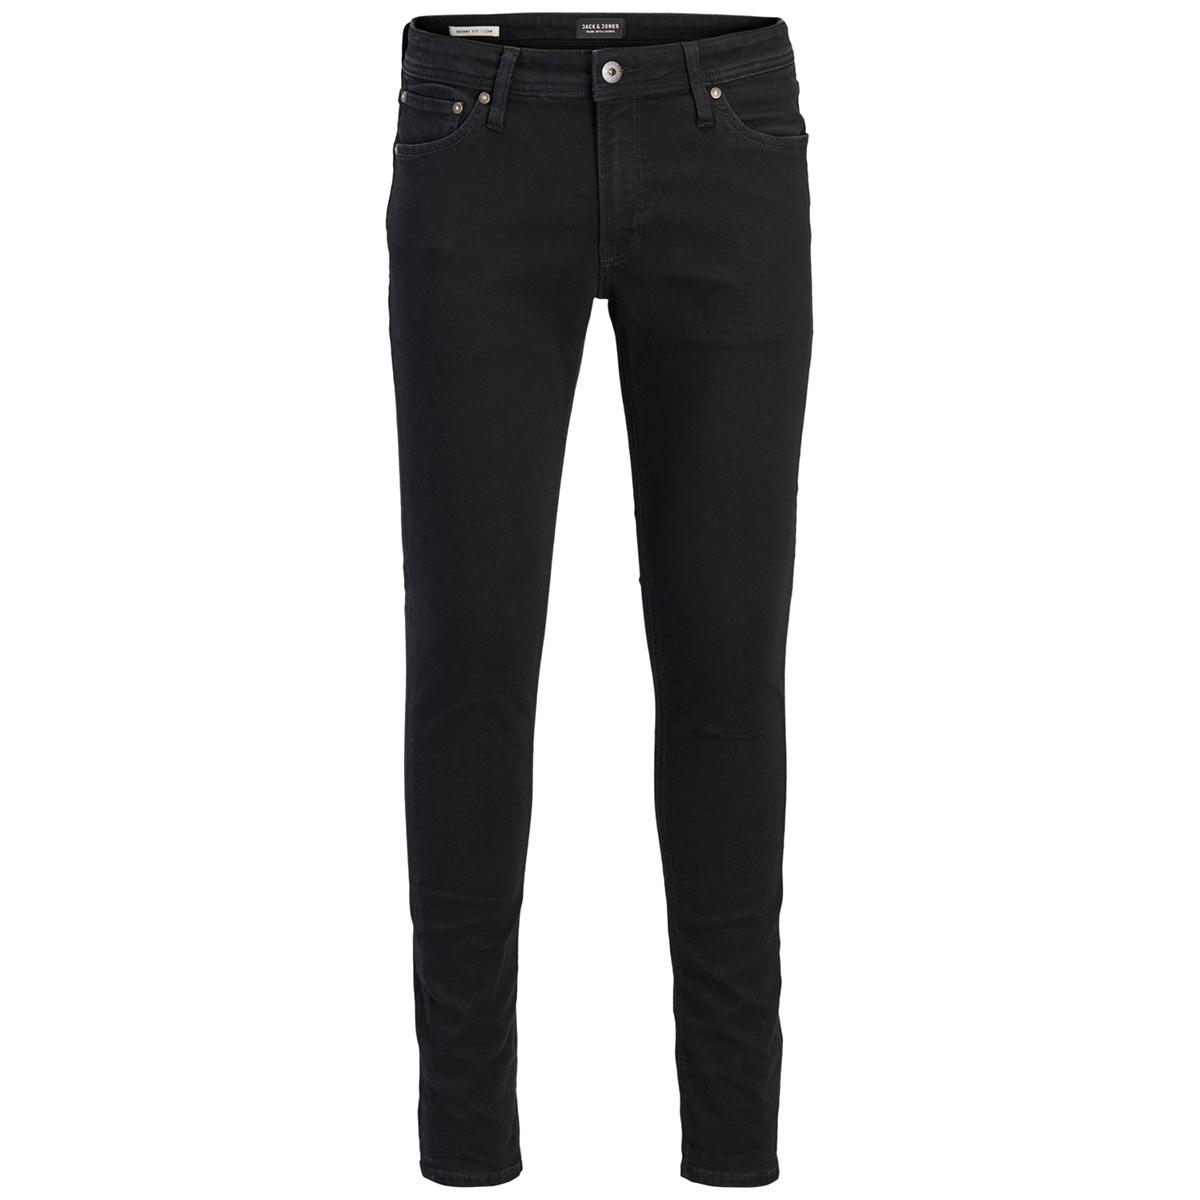 jjiliam jjoriginal am 816 noos 12148916 jack & jones jeans black denim